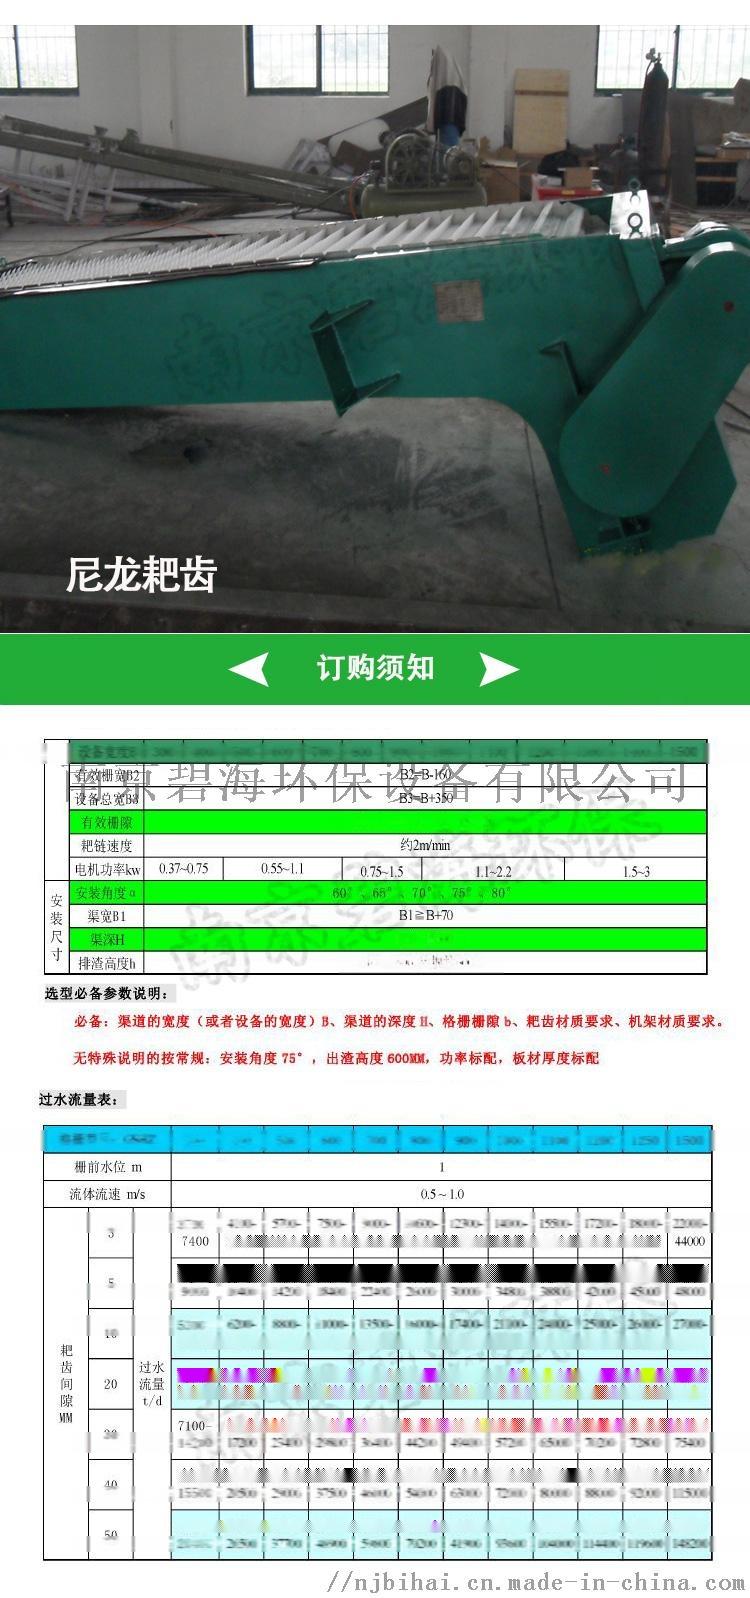 回转式机械格栅 除污机 质量三包74214345